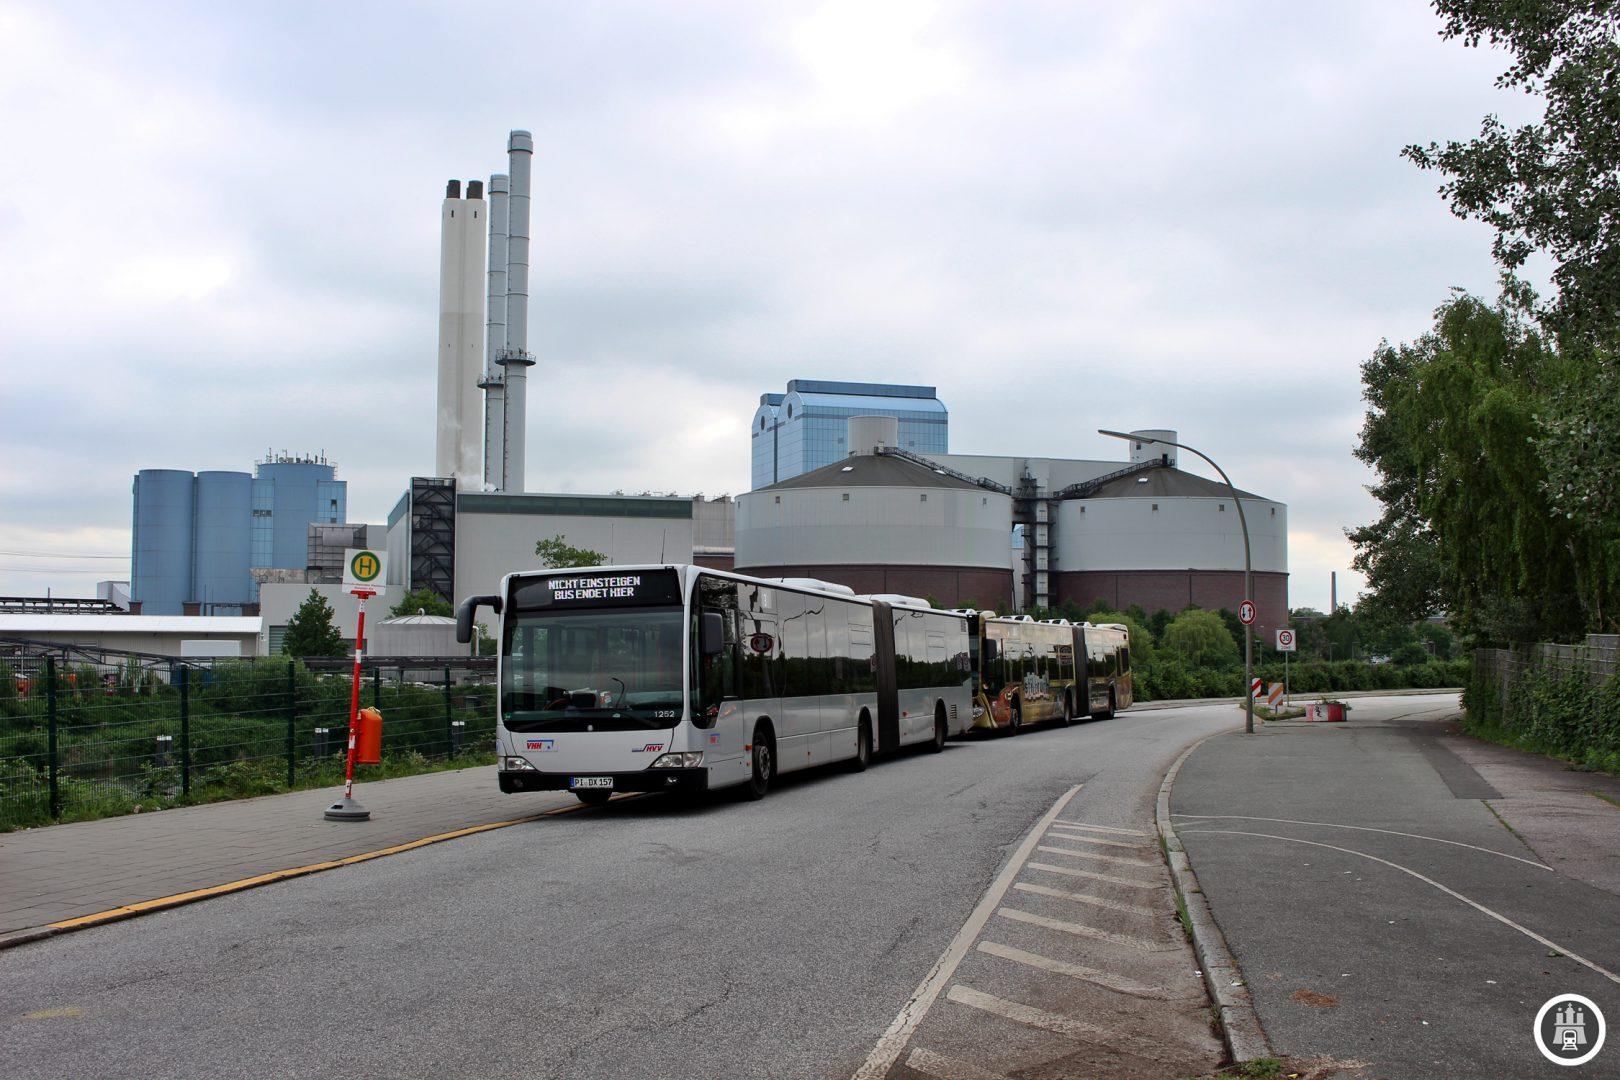 Aufgrund von Bauarbeiten endet die 3 im Moment schon in S Tiefstack. Vom provisorischen Pausenplatz sieht man auch das Heizkraftwerk Tiefstack, dass seit 1993 neben dem inzwischen abgerissenen alten Kohlekraftwerk auf einer aufgeschütteten Insel in Betrieb ist.